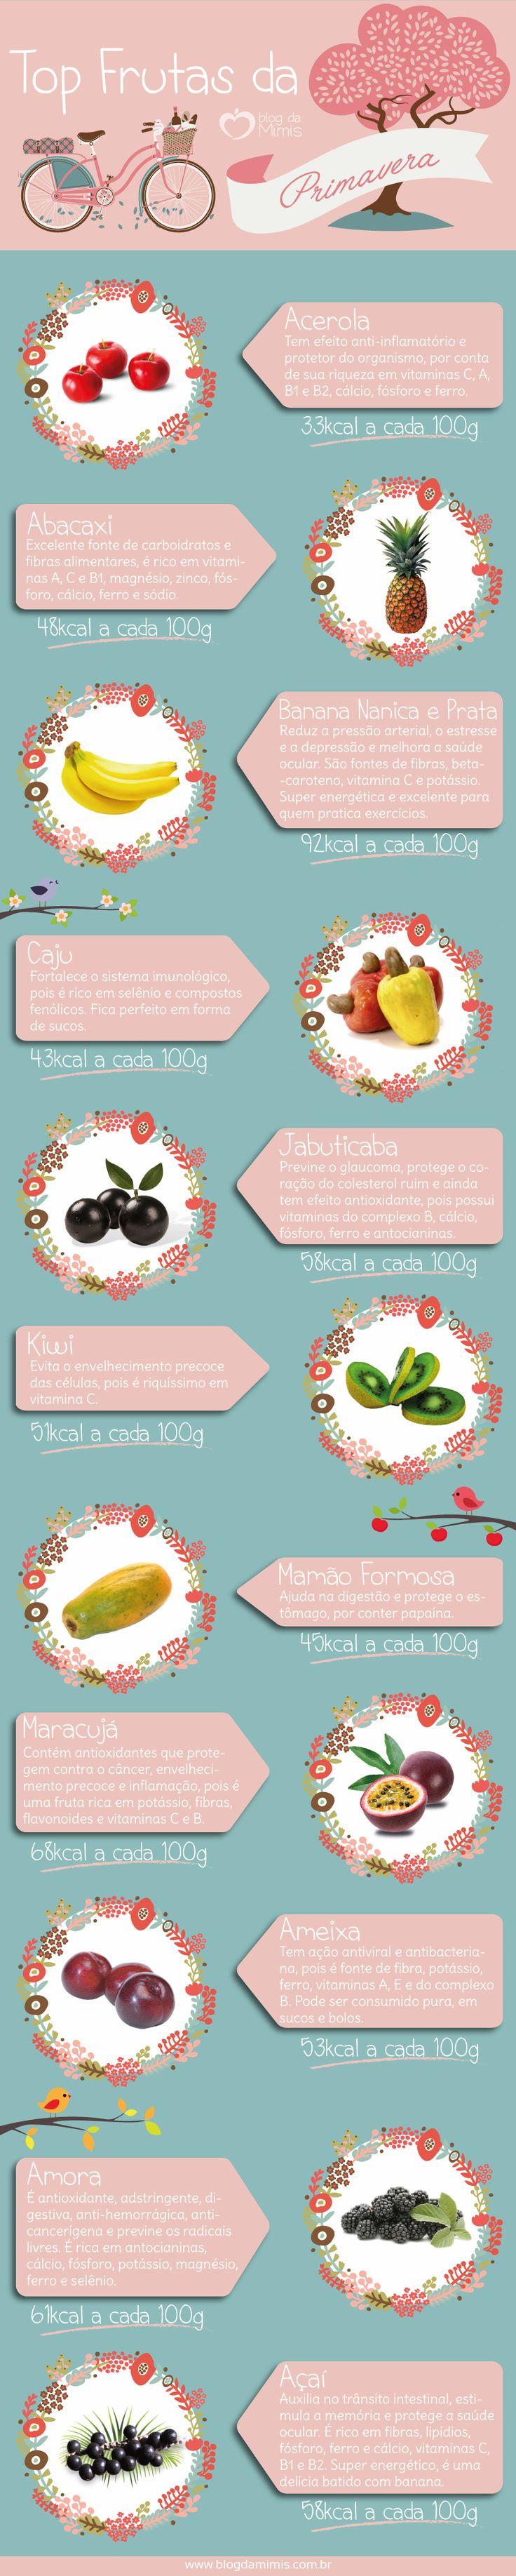 Top frutas da primavera - Blog da Mimis - As frutas e legumes da época tendem a ser mais nutritivos. Por iss, separei uma lista com as frutas da primavera, para fazermos a escolha certa!